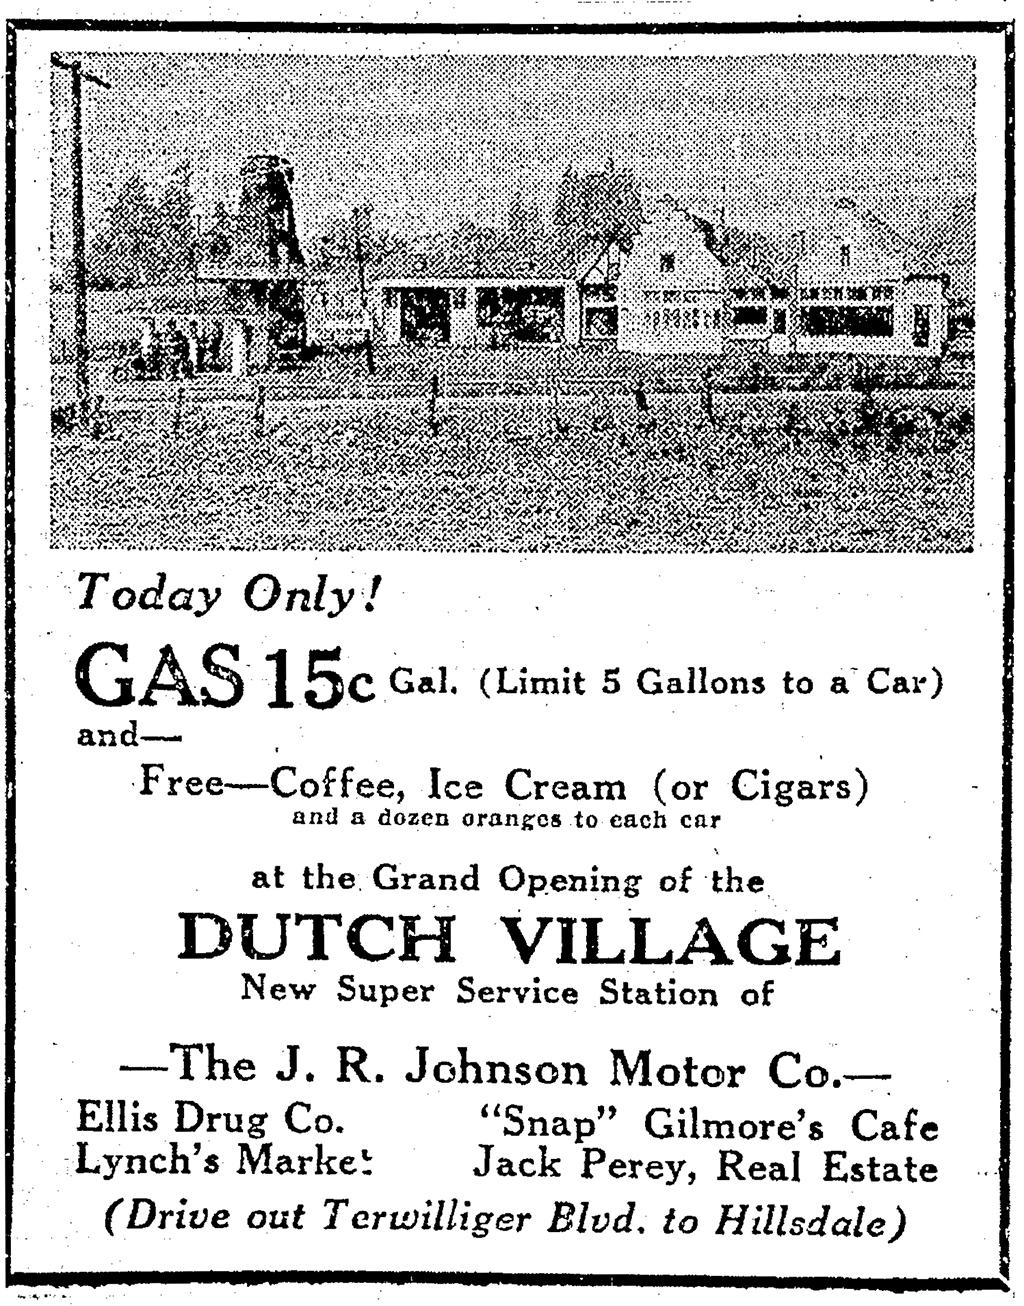 Dutch Village, Hillsdale, Oregon. Grand Opening September 15, 1929. Oregonian, September 15, 1929, sec. 6, p. 8.